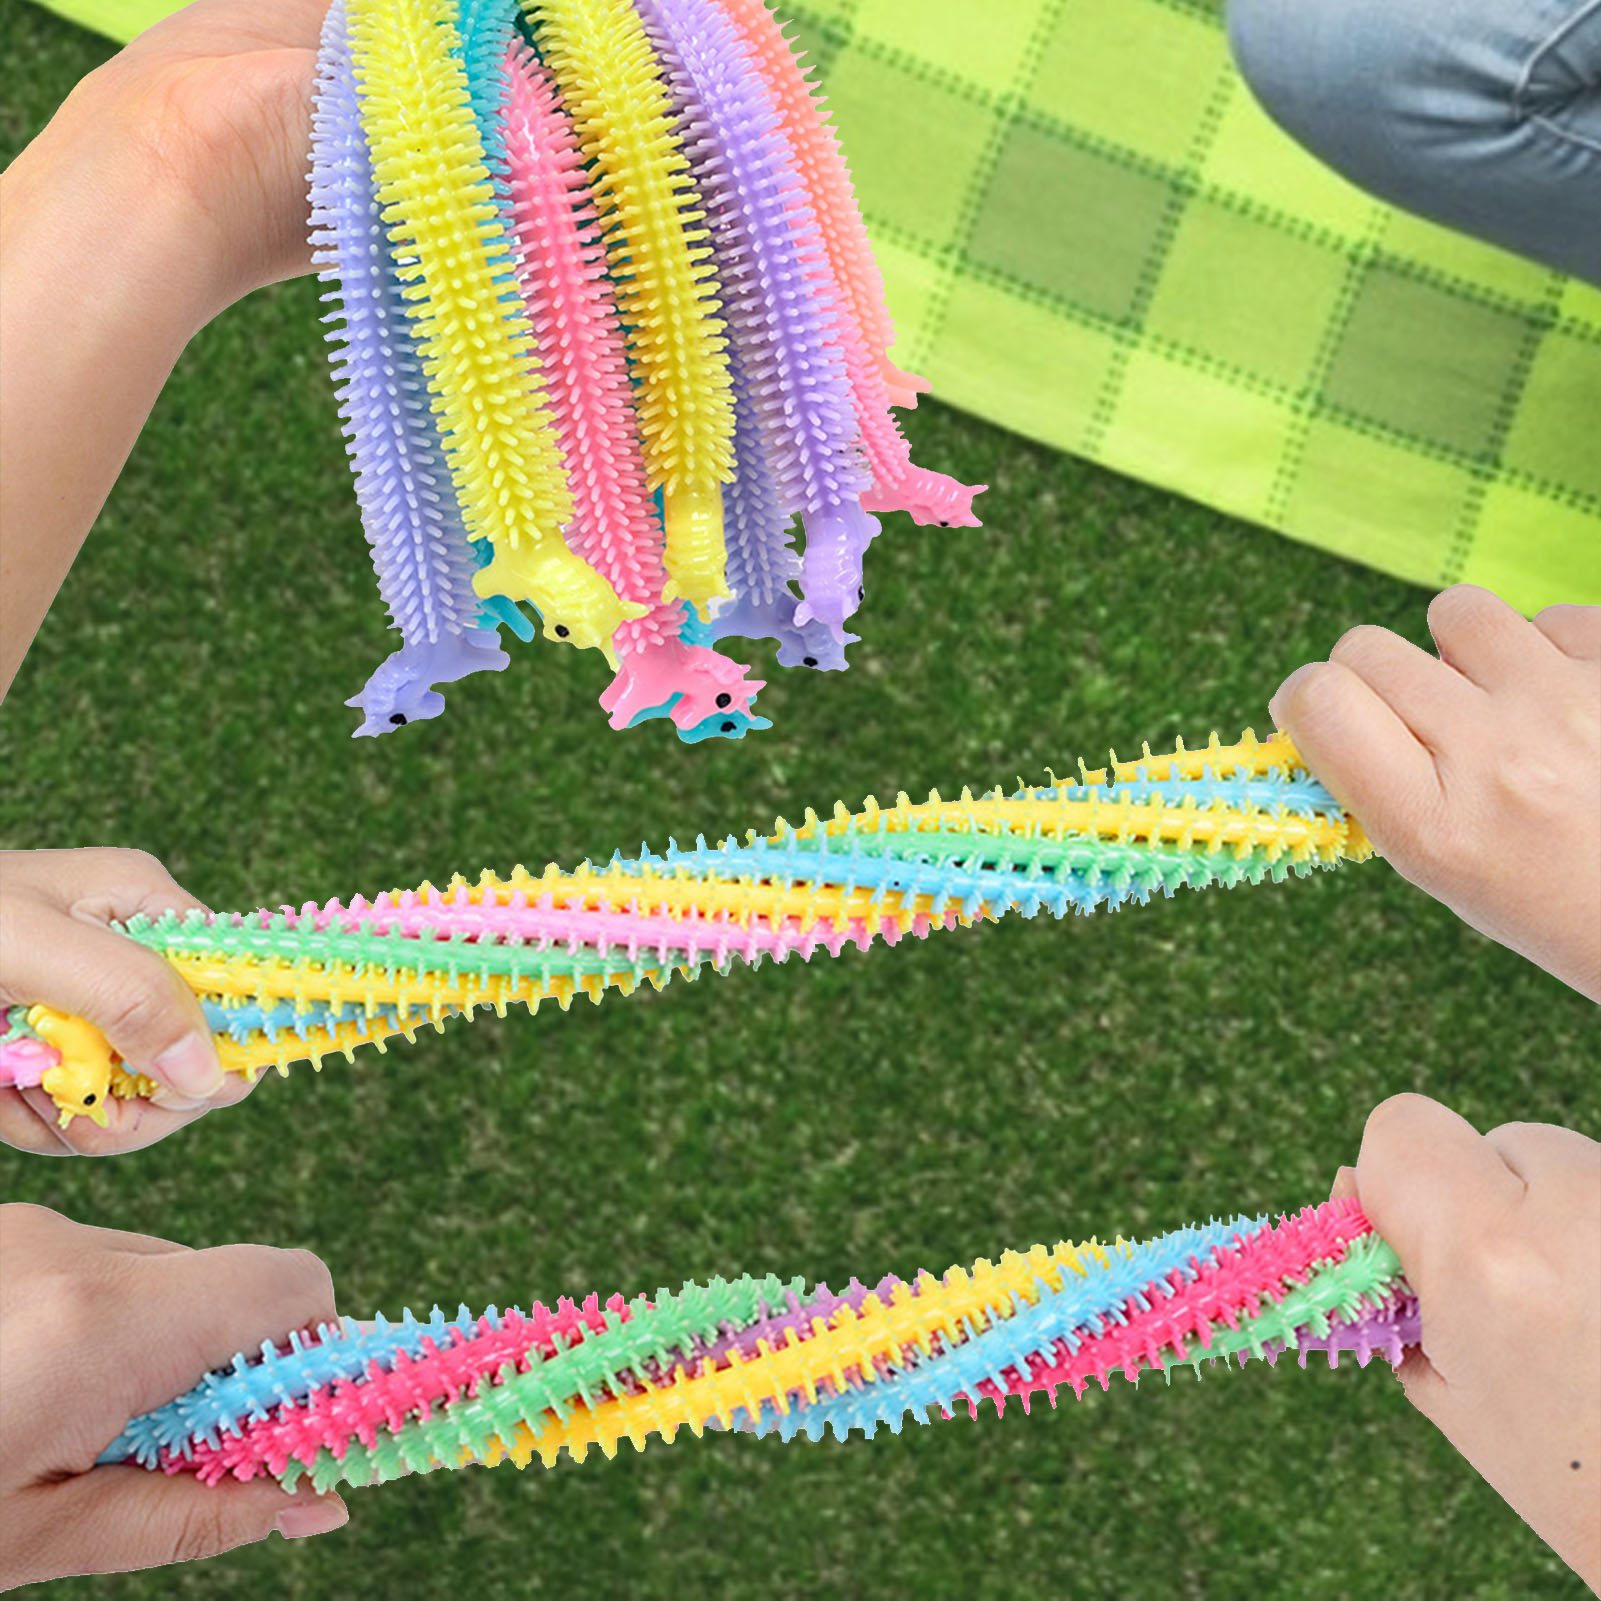 monkey noodle unicorn elastic rope stretchy fidget toy 3292 - Wacky Track